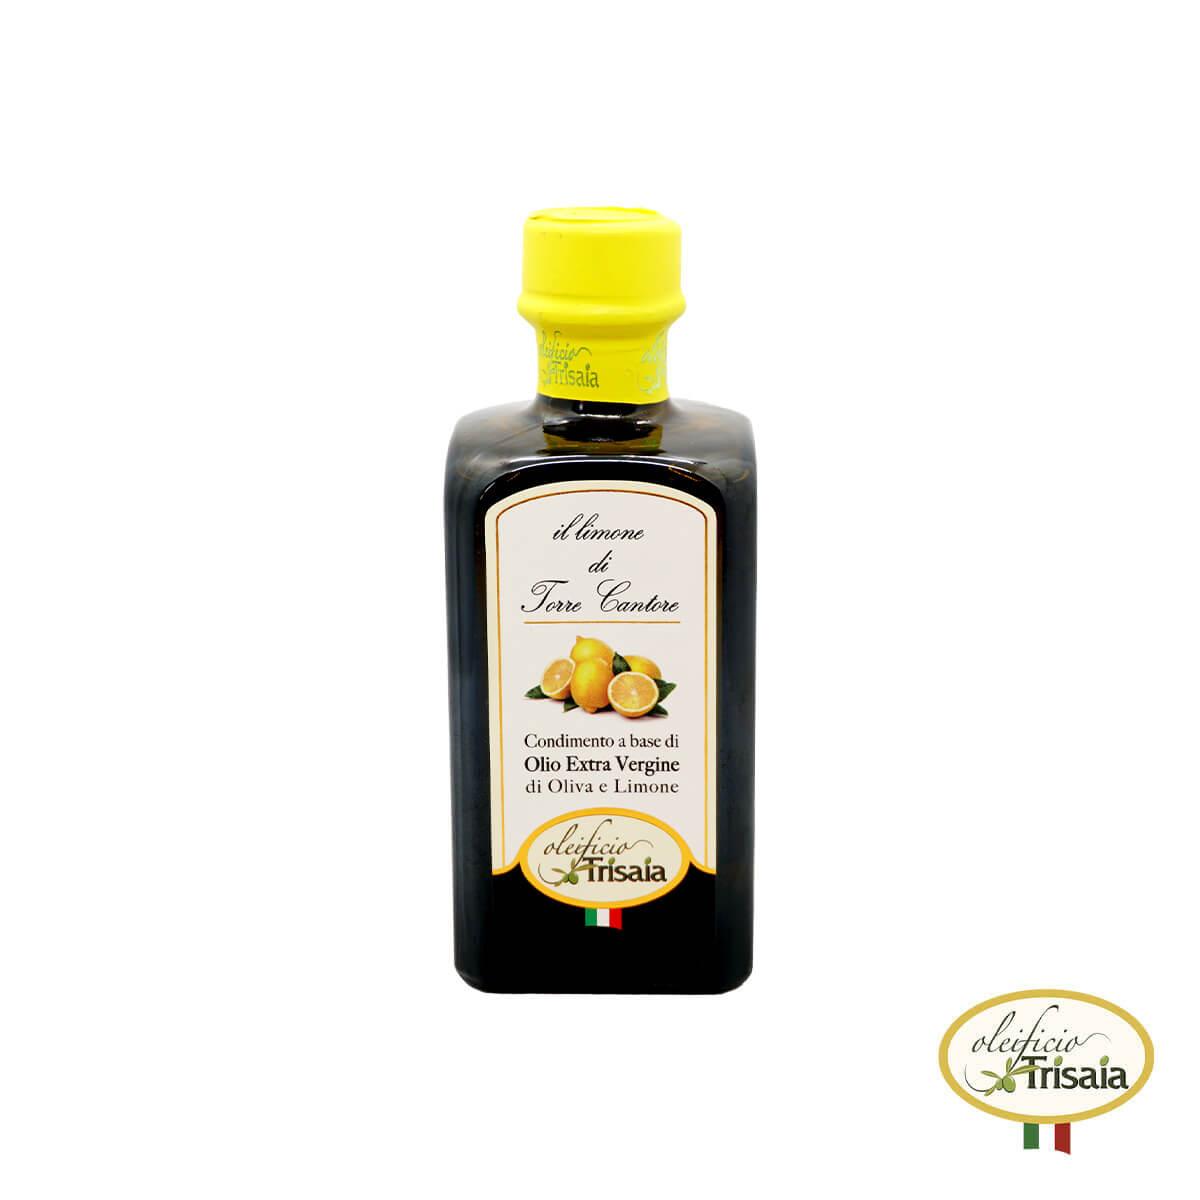 Olio EVO Extravergine di Oliva aromatizzato al limone